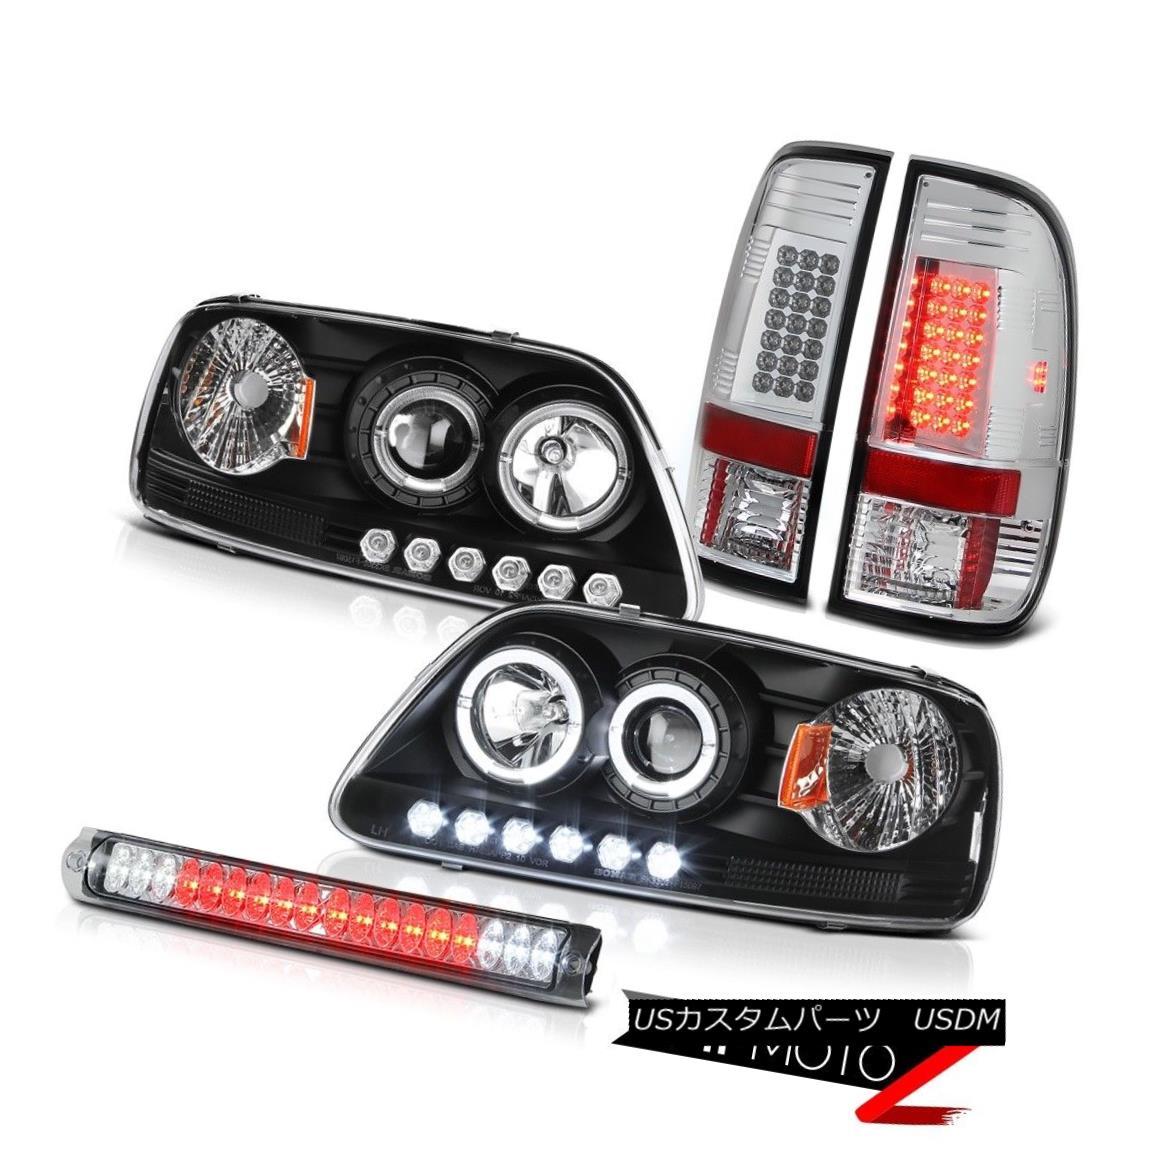 ヘッドライト LED Daytime Projector Headlight Taillamp Third Brake Light F150 Triton 1997-2003 LED昼間プロジェクターヘッドライトテールランプ第3ブレーキライトF150トリトン1997-2003